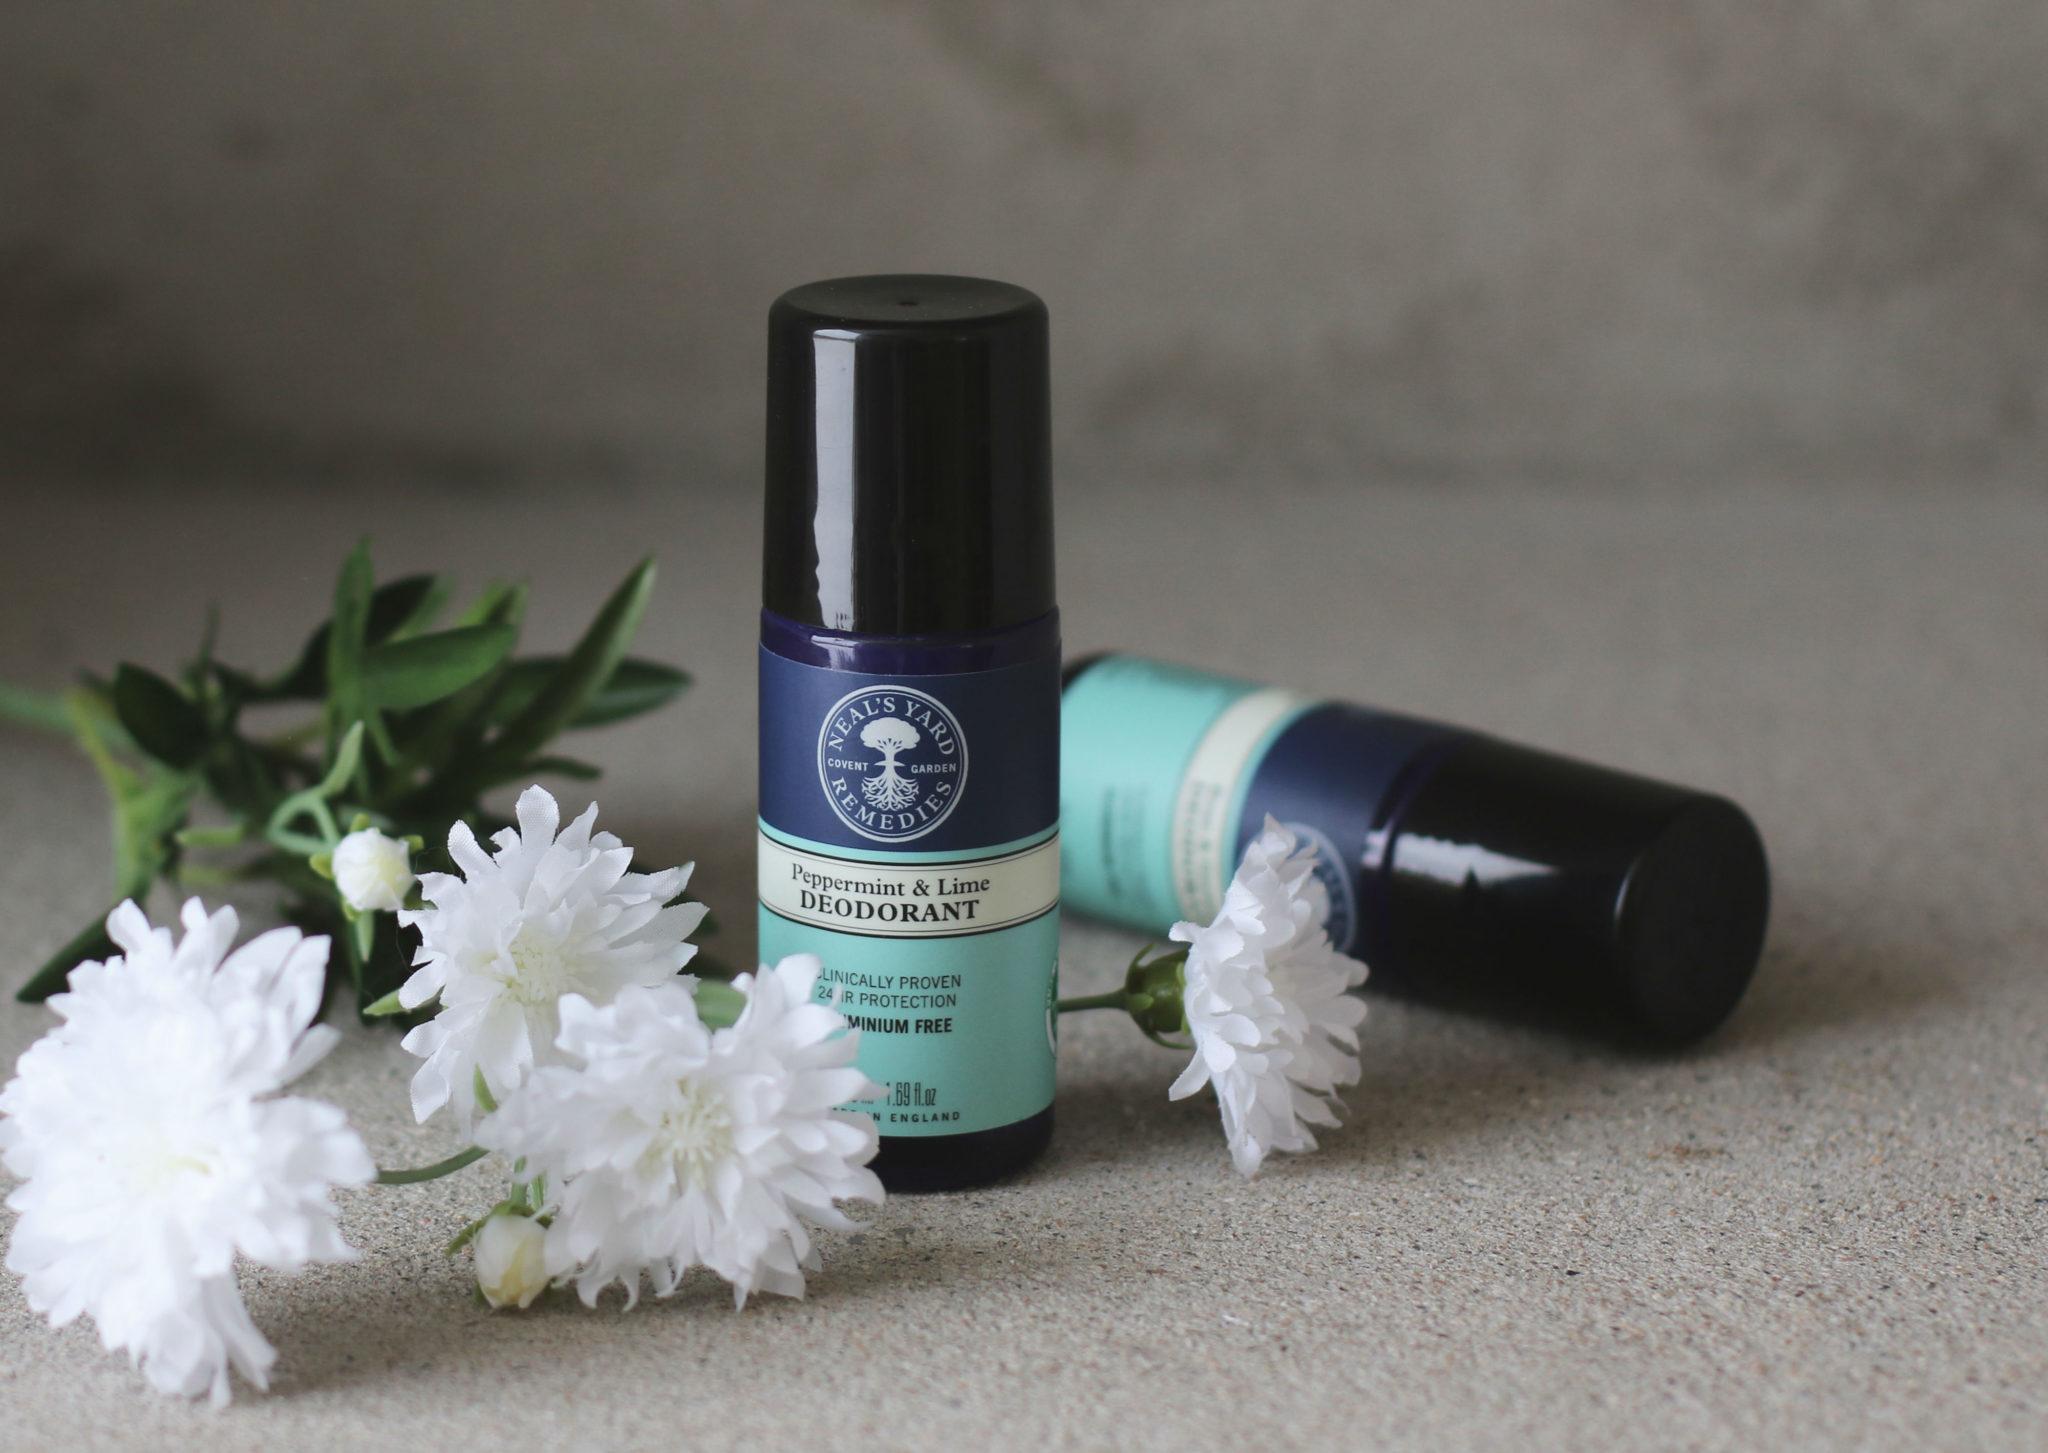 Luonnonkosmetiikan deodorantit